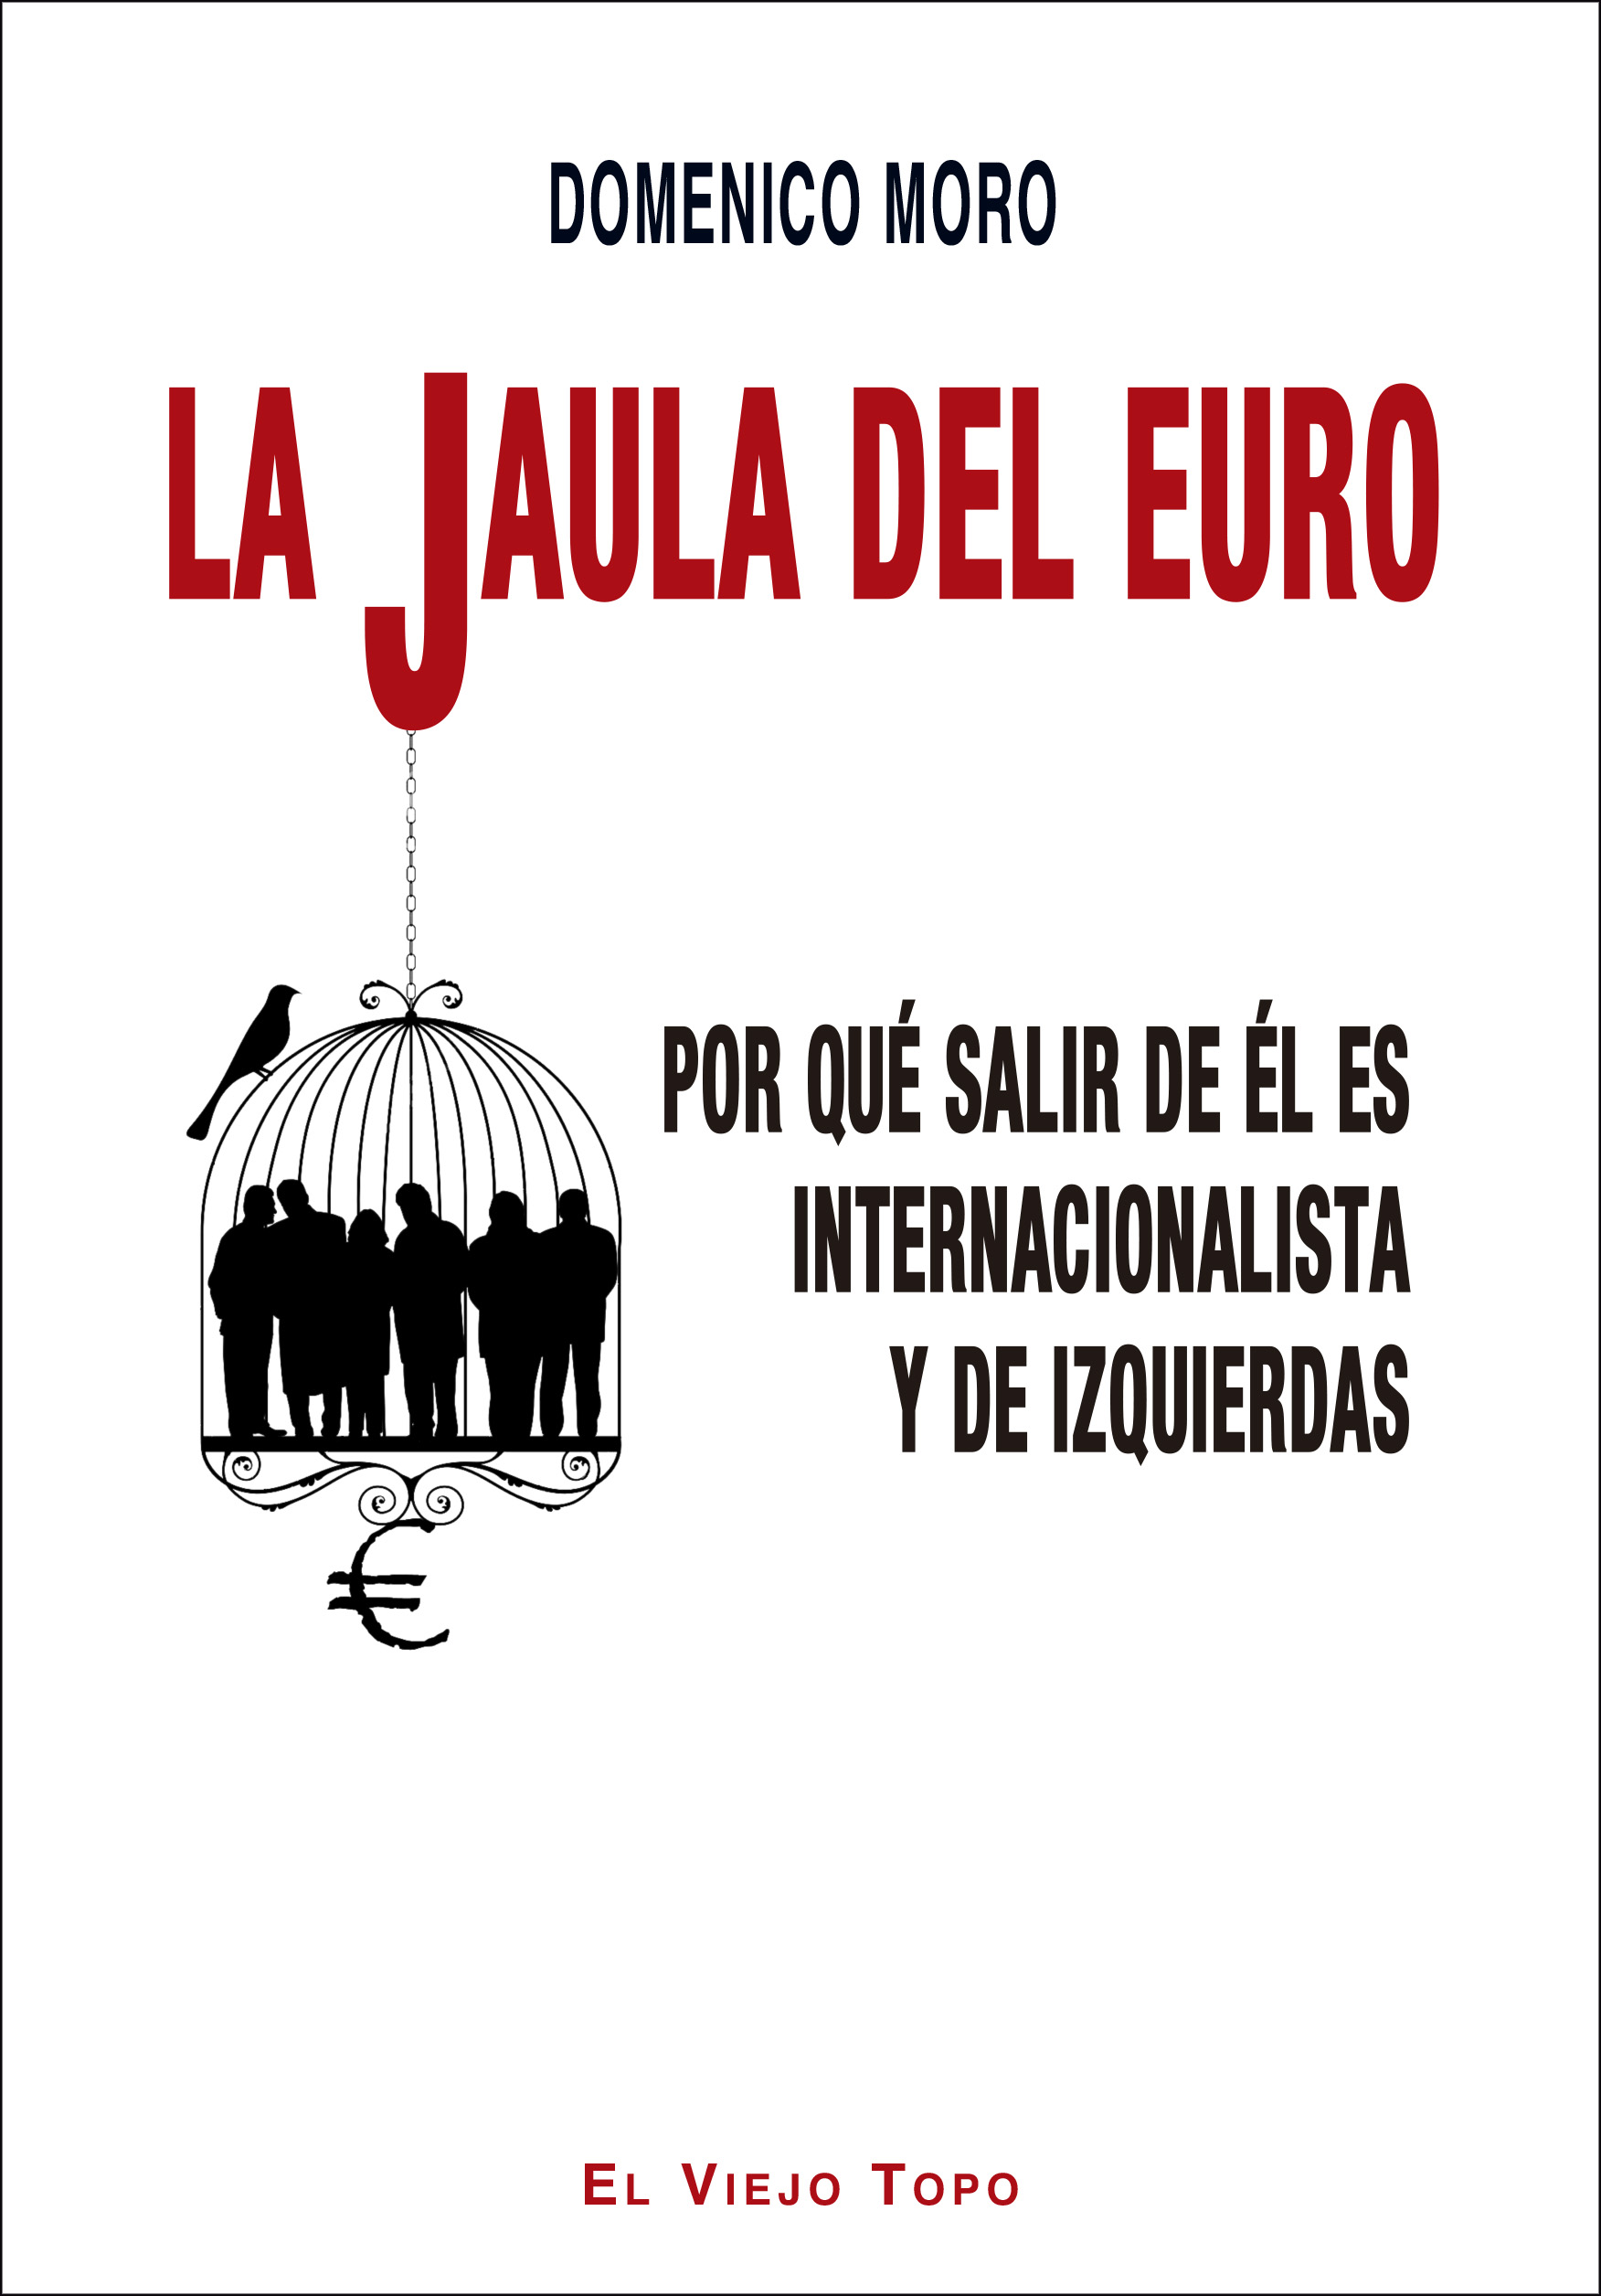 La jaula del euro   «Por qué salir de él es internacionalista y de izquierdas»